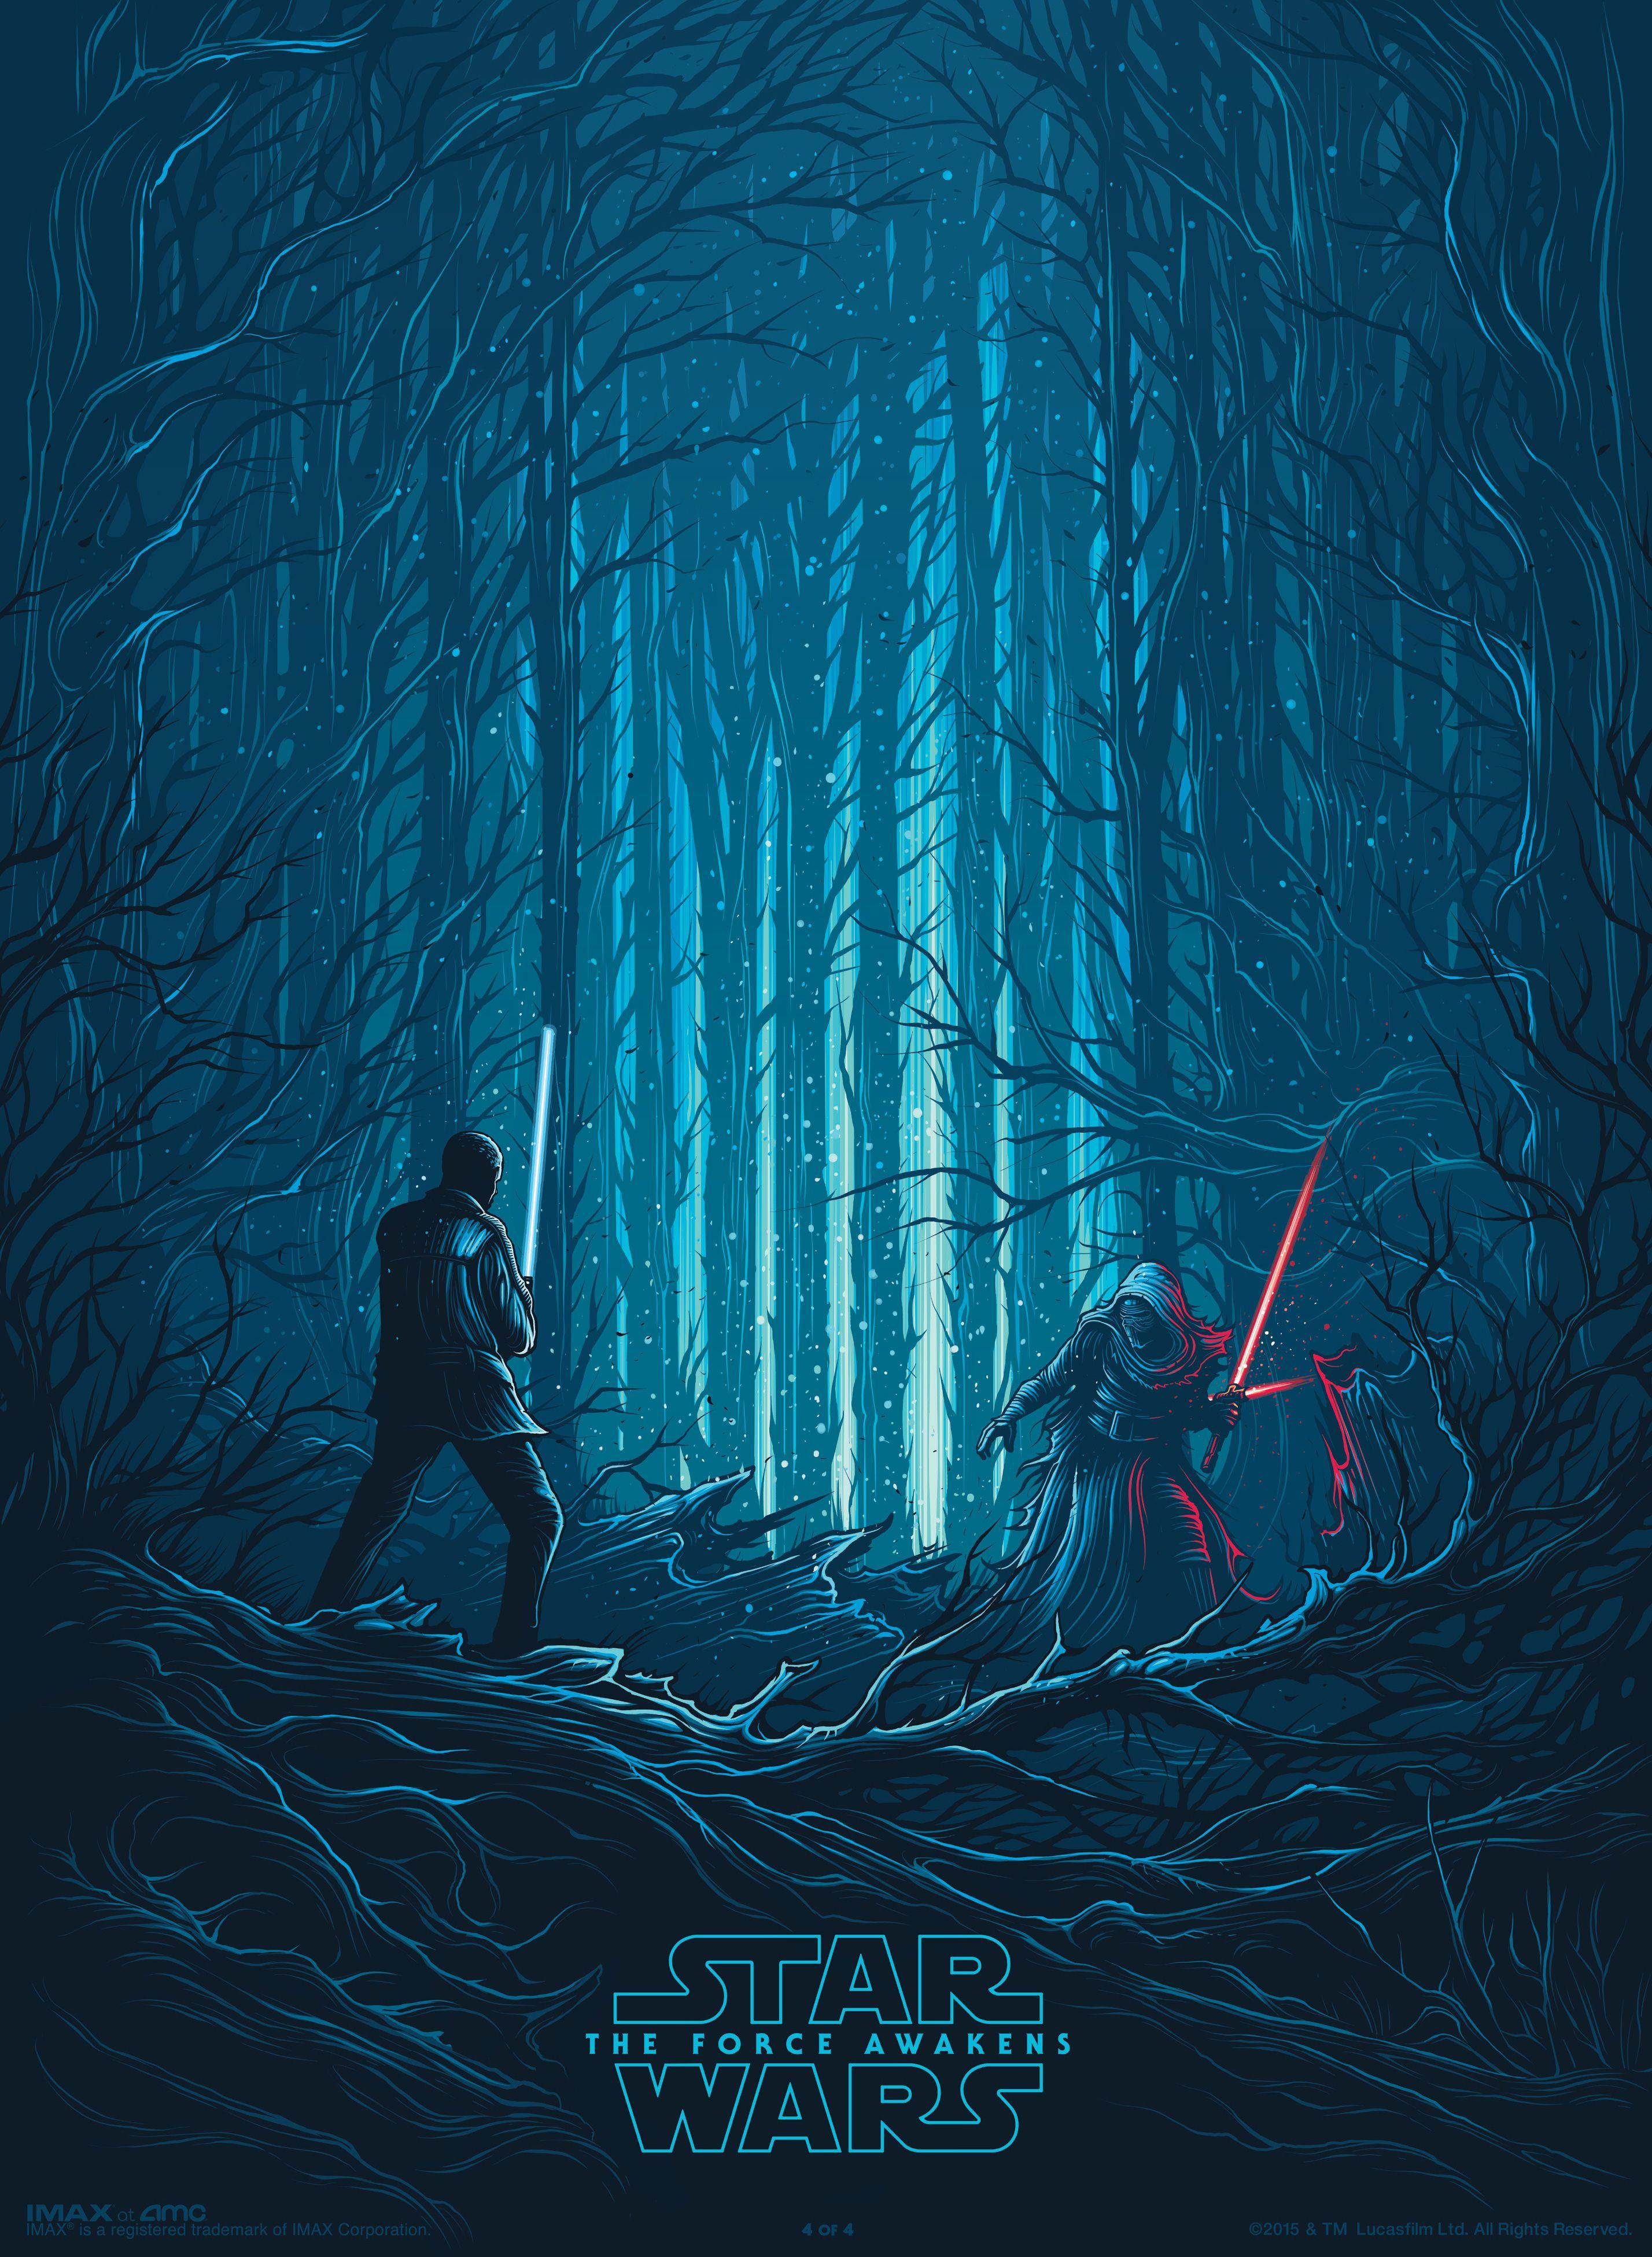 final imax 39 star wars the force awakens 39 poster revealed star wars pinterest finals. Black Bedroom Furniture Sets. Home Design Ideas